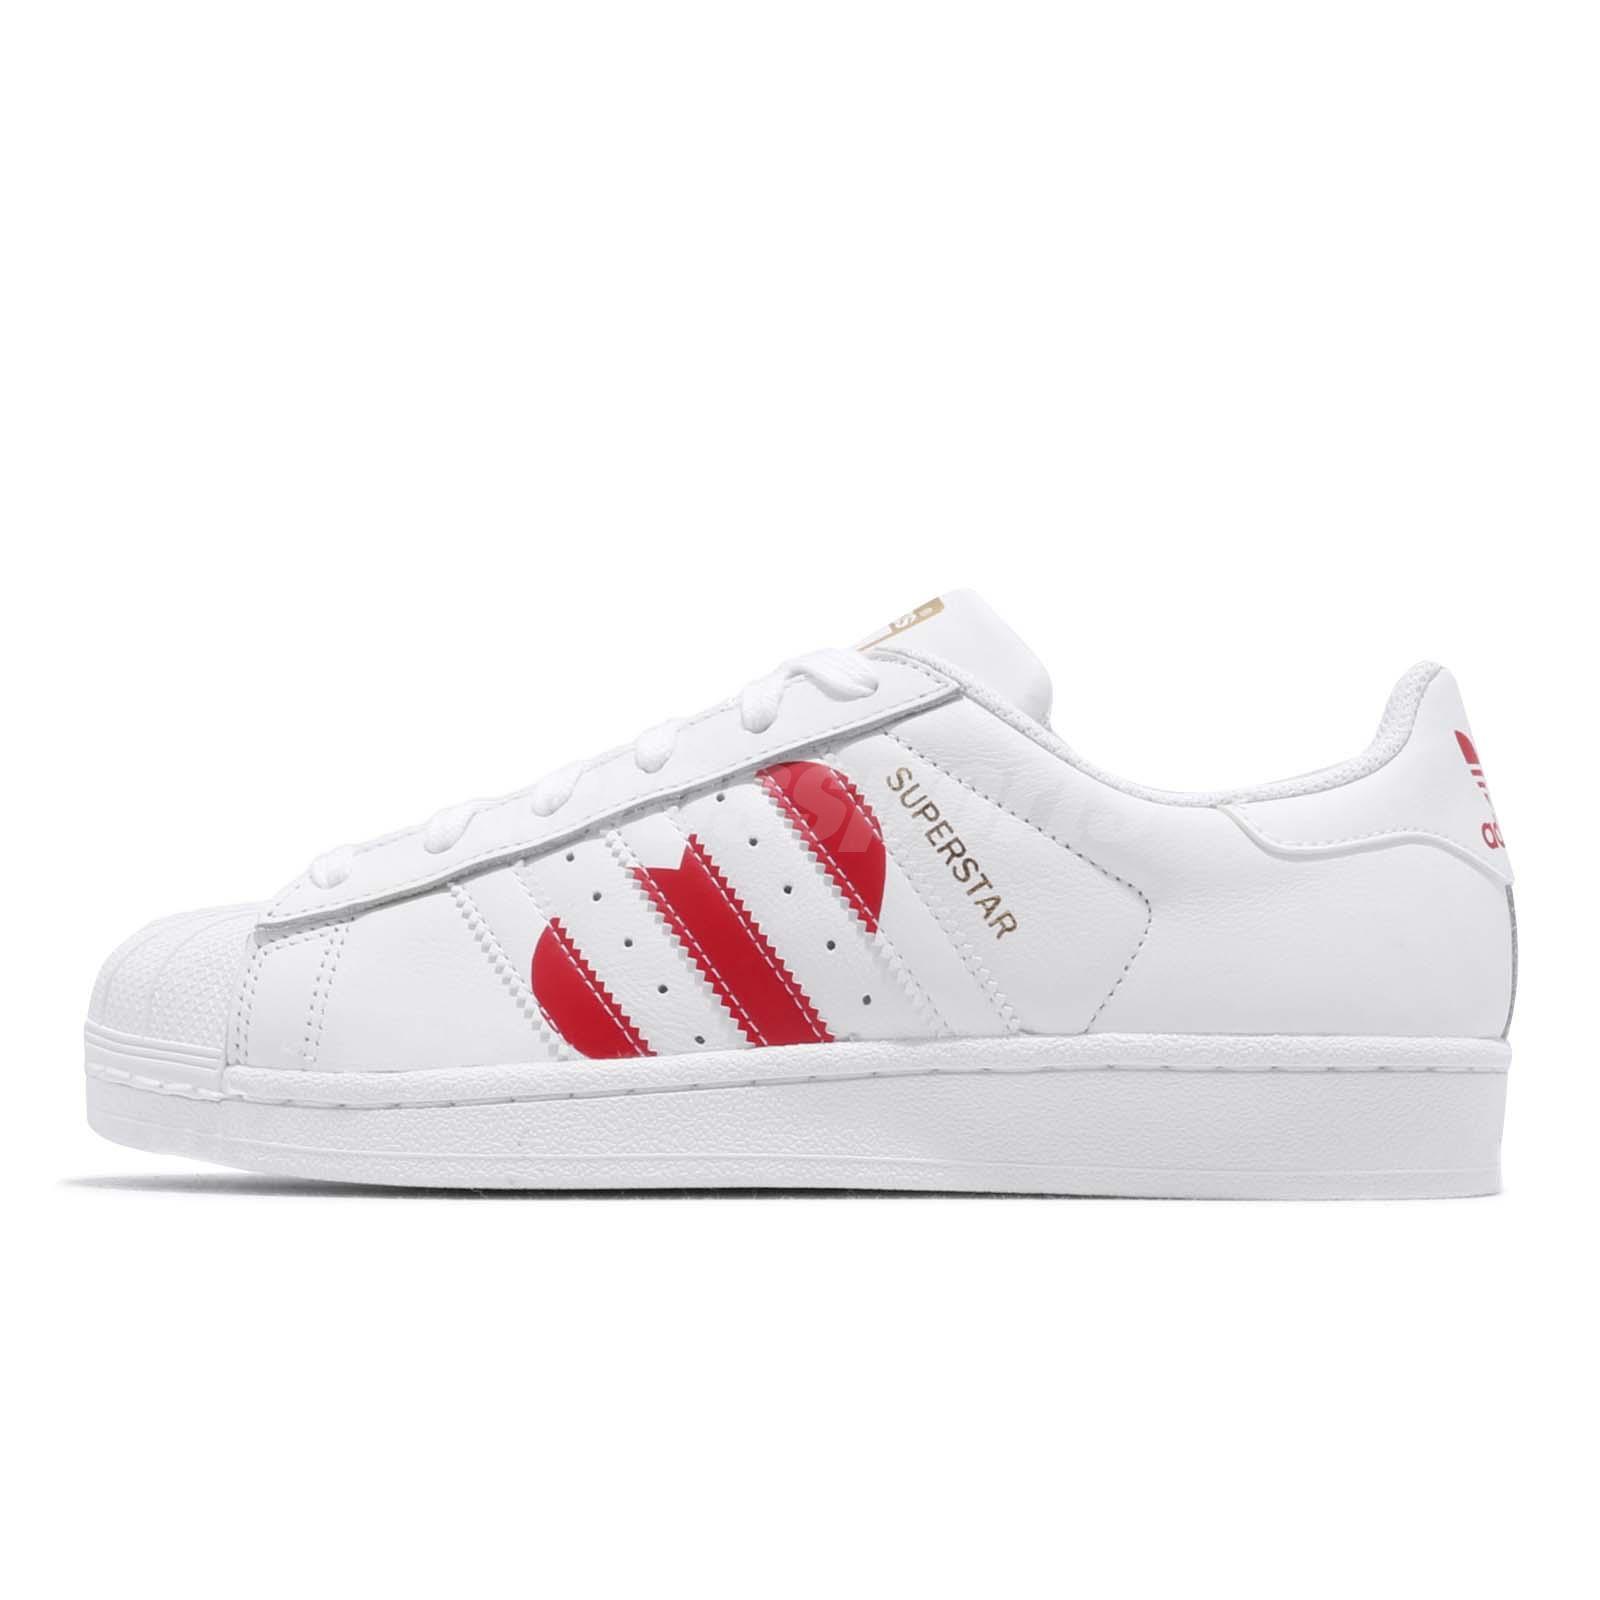 quality design e0577 e9895 adidas Originals Superstar White Red Heart Valentines Day Womens Shoes  EG3396